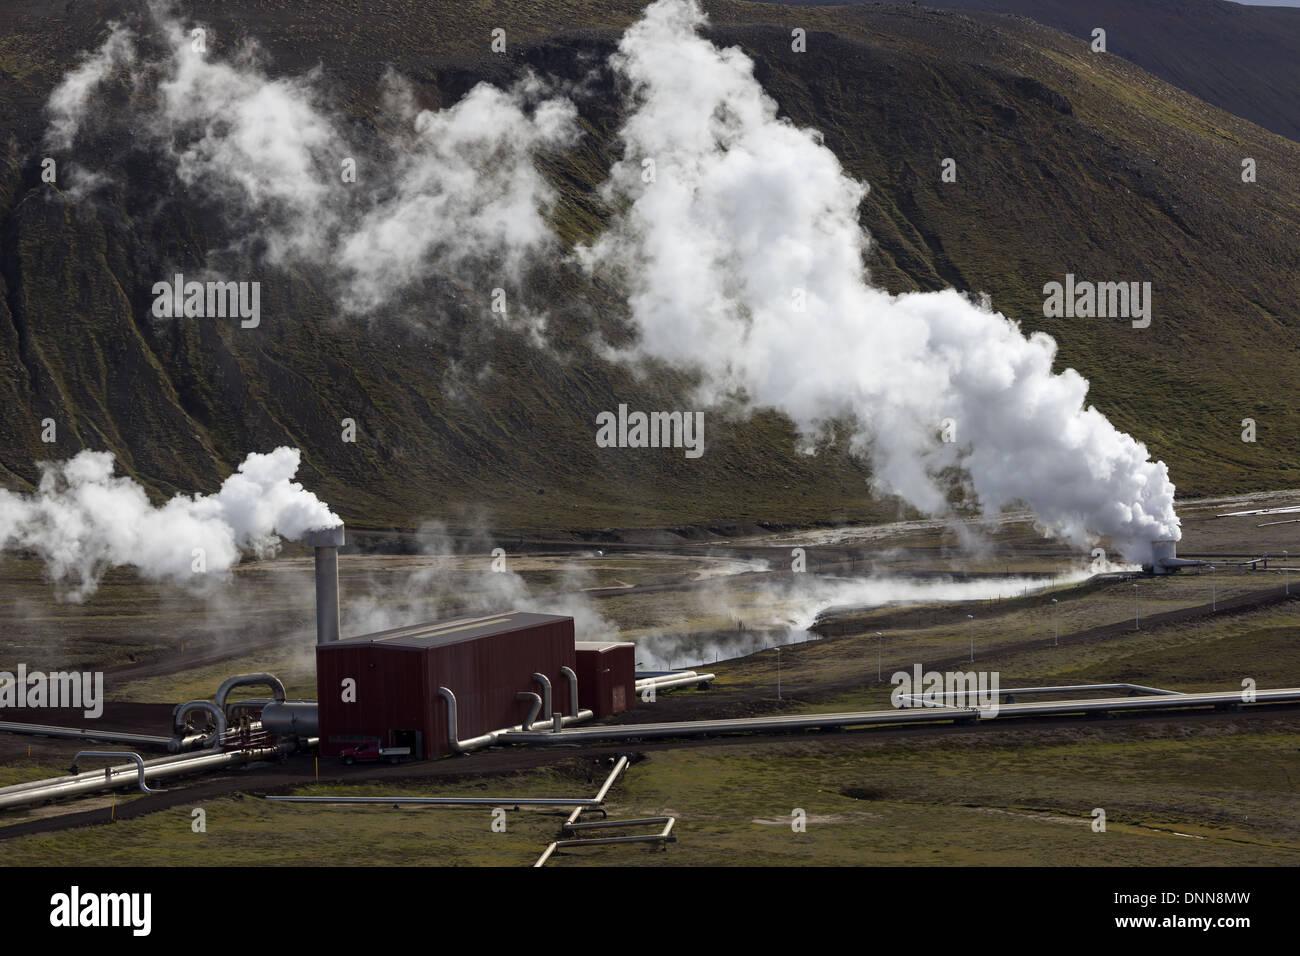 Il Krafla Power Station è a 60 MW Stazione Elettrica Geotermica si trova vicino al vulcano Krafla in Islanda. Immagini Stock